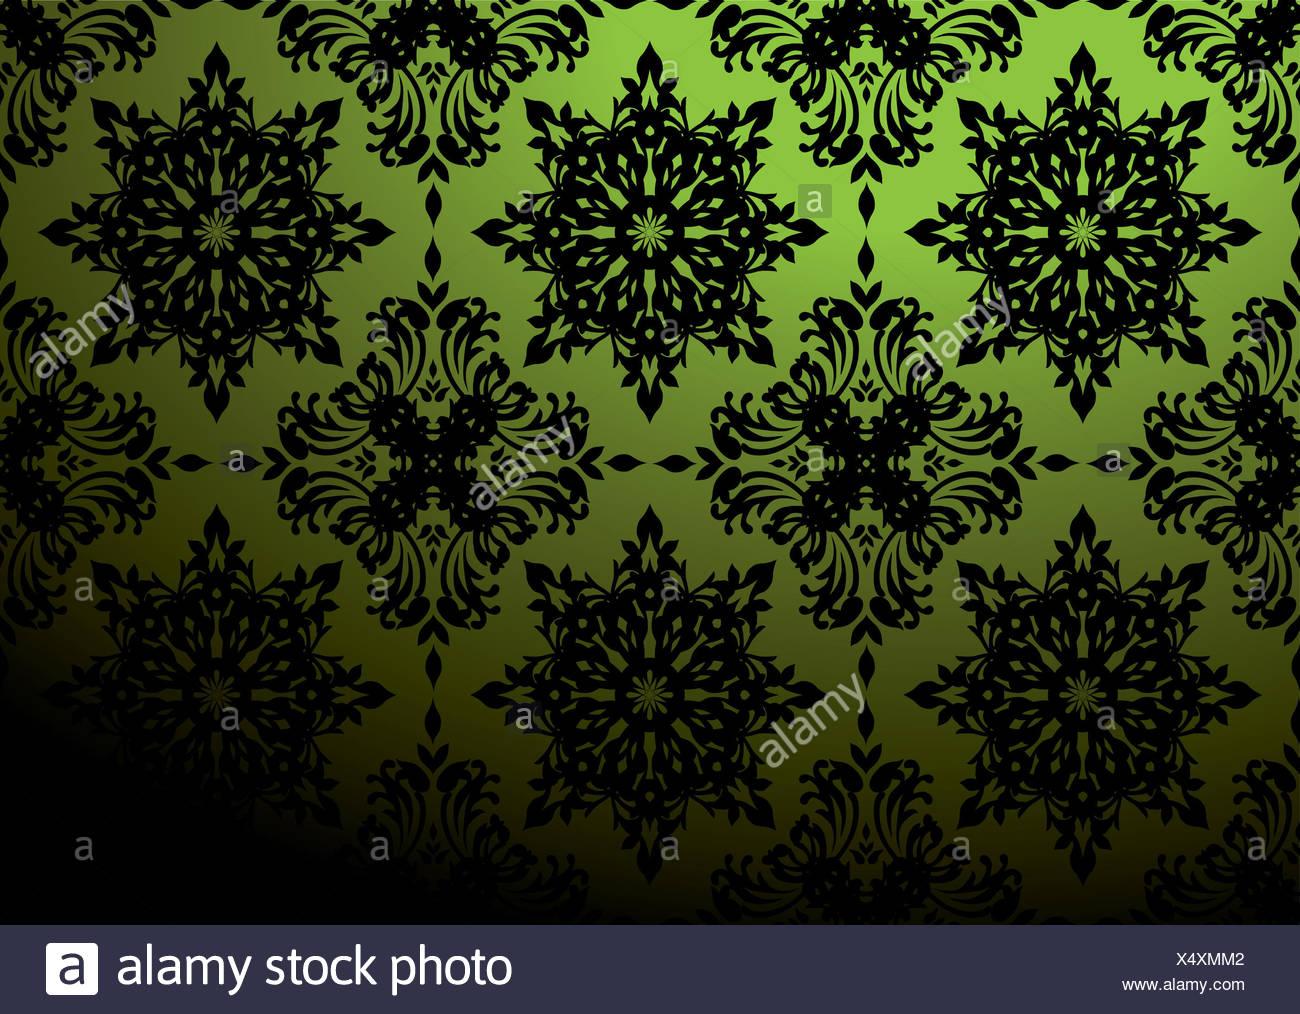 Papier Peint Baroque Antique Rideaux Motif Toile Fond Fond Noir